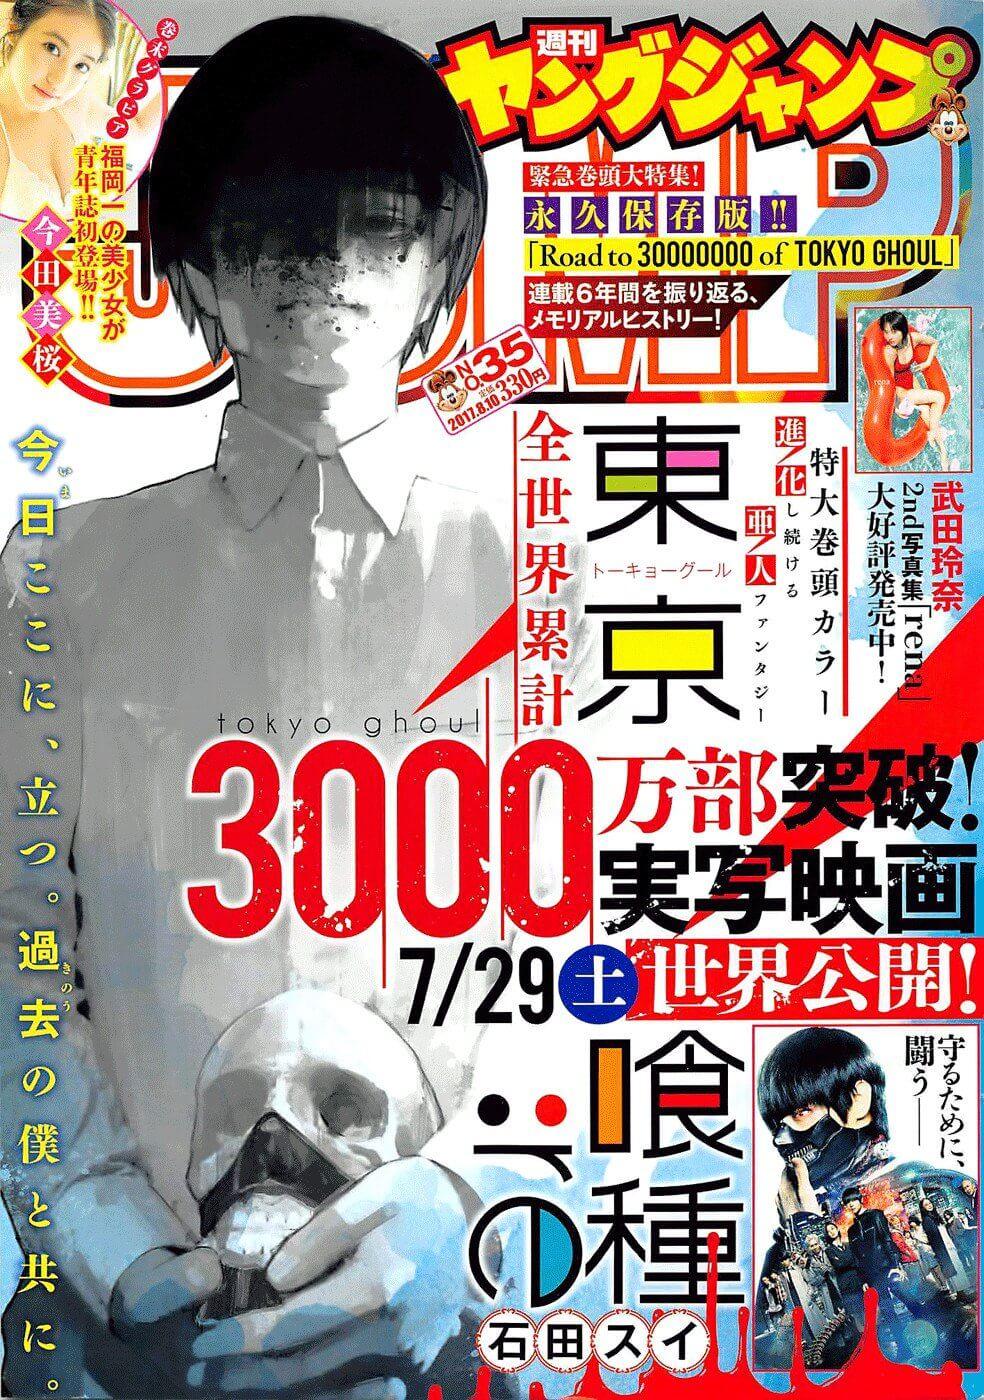 طوكيو غول:ري 134, Tokyo Ghoul:re 134